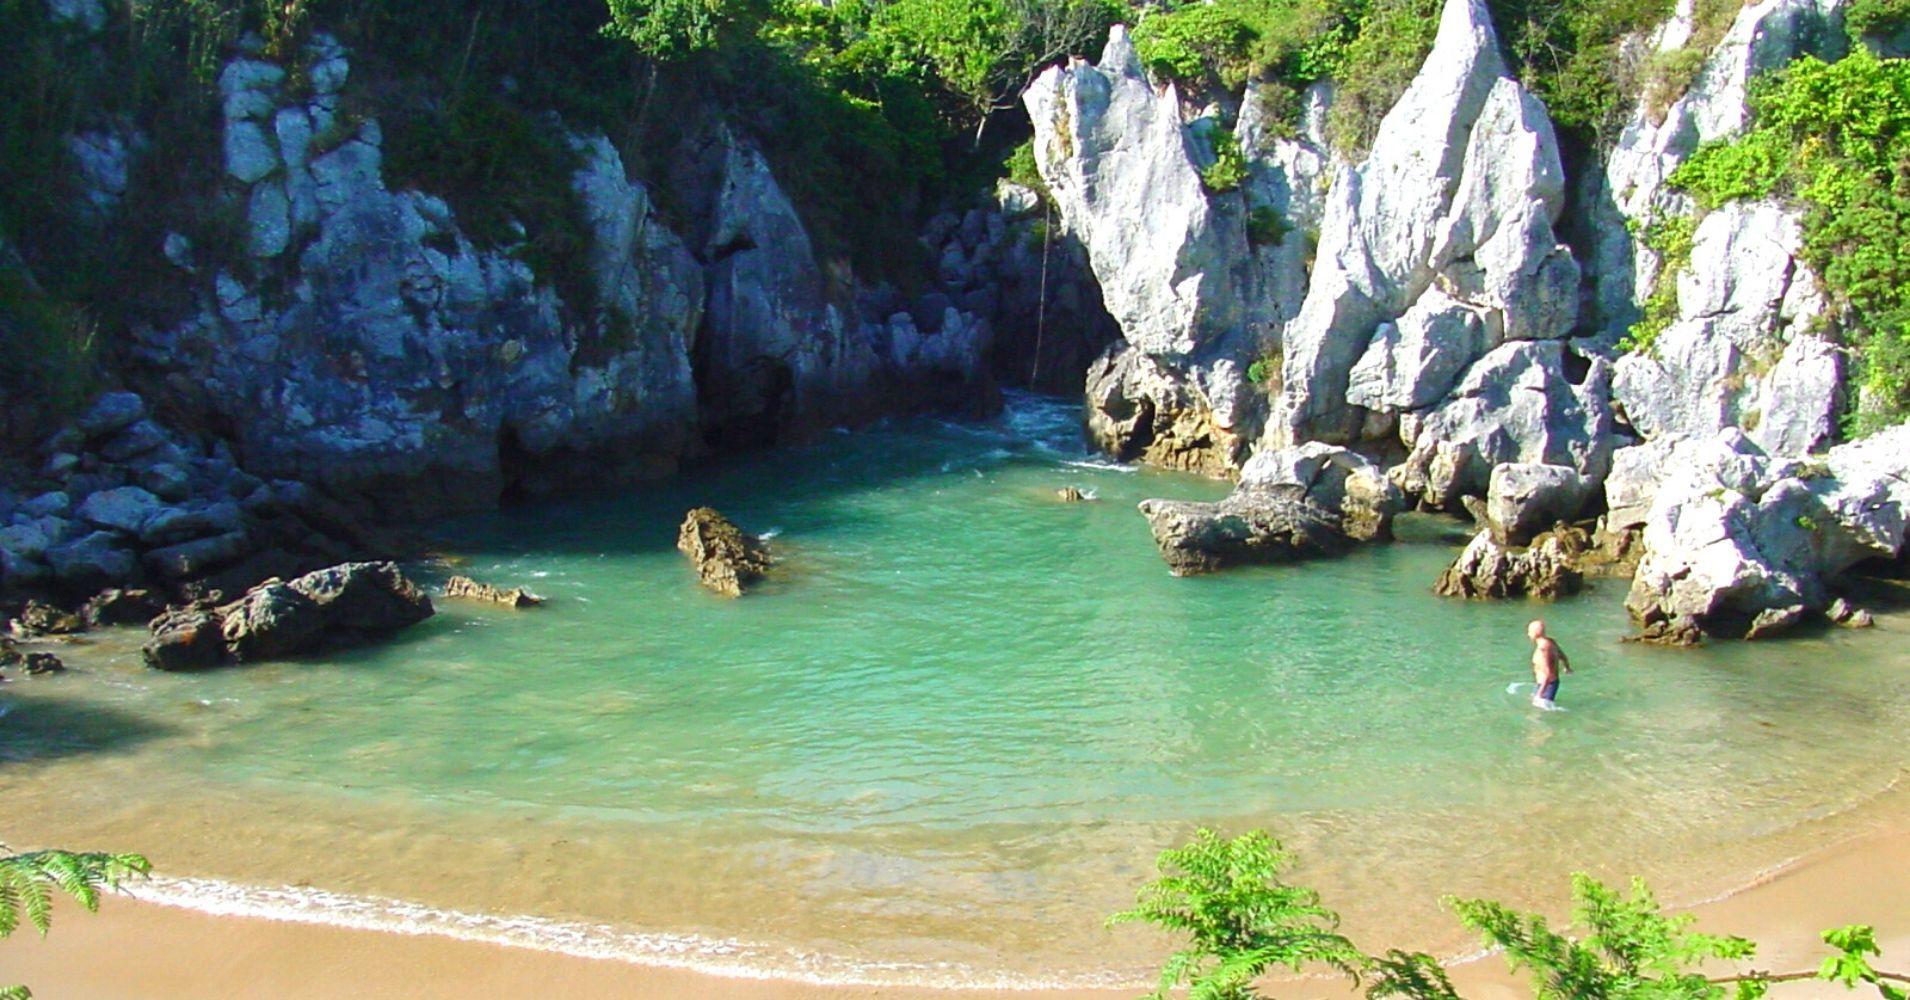 Playa de Gulpiyuri. Concejo de Llanes. Naves, Asturias.